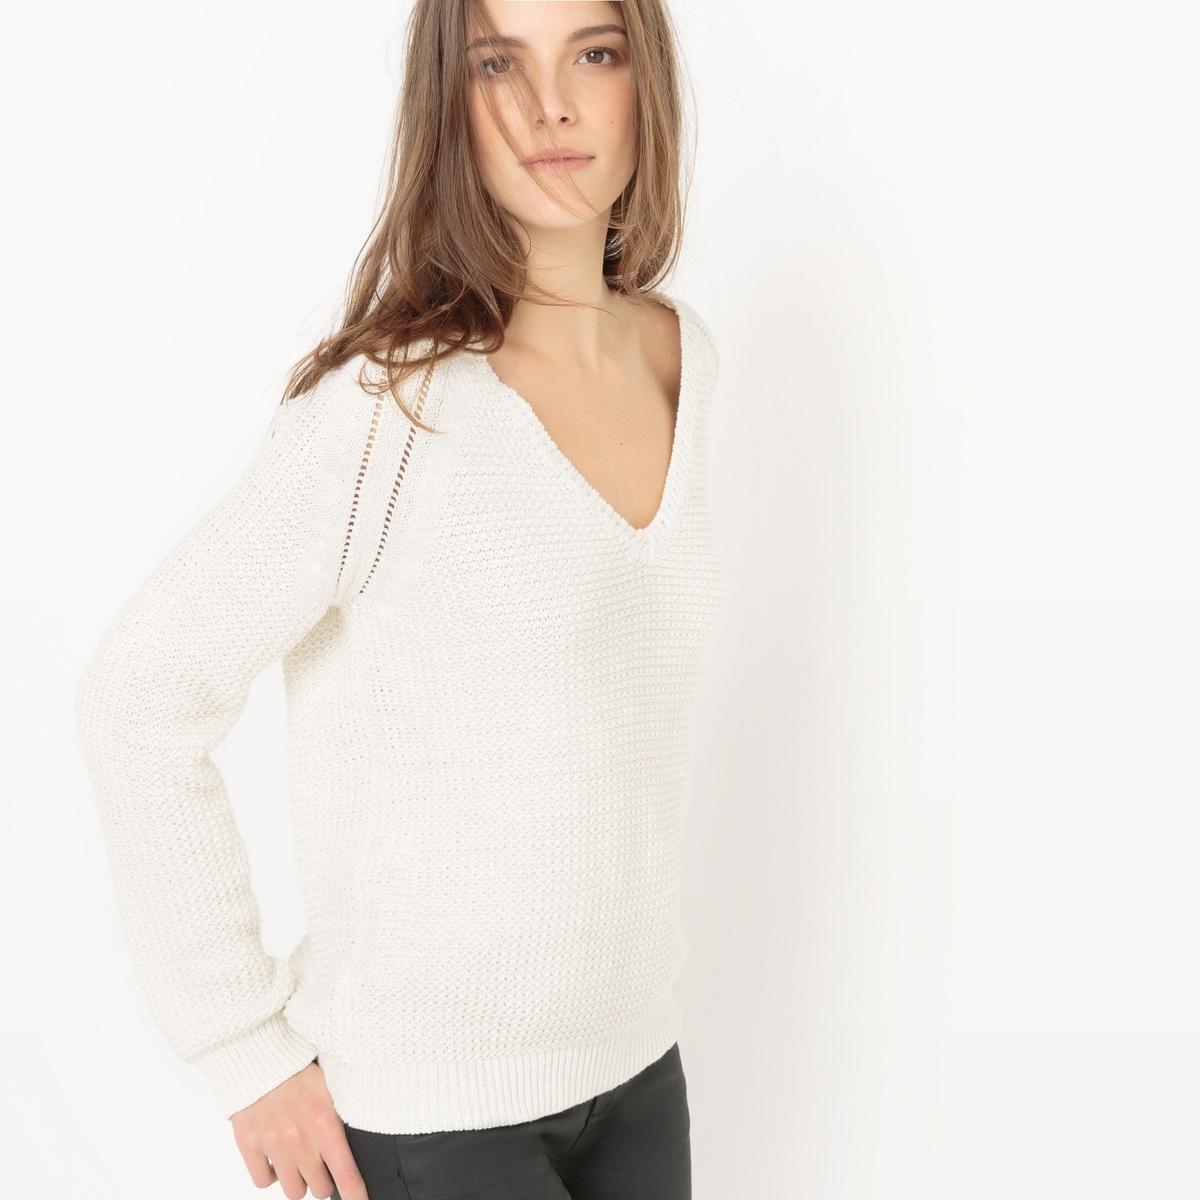 Пуловер с блестящим эффектом с V-образным вырезом из хлопкаМатериал : 95% хлопка, 2% волокон с металлическим блеском, 3% полиэстера            Длина рукава : длинные рукава            Форма воротника : V-образный вырез            Покрой пуловера : стандартный            Рисунок : однотонная модель            Особенность материала : трикотаж             Стирка : машинная стирка при 30 °С в деликатном режиме            Уход : сухая чистка и отбеливание запрещены            Машинная сушка : сушить на горизонтальной поверхности в расправленном состоянии            Глажка : при низкой температуре<br><br>Цвет: белый,кирпичный,темно-синий<br>Размер: S.XXL.L.M.S.L.M.S.L.M